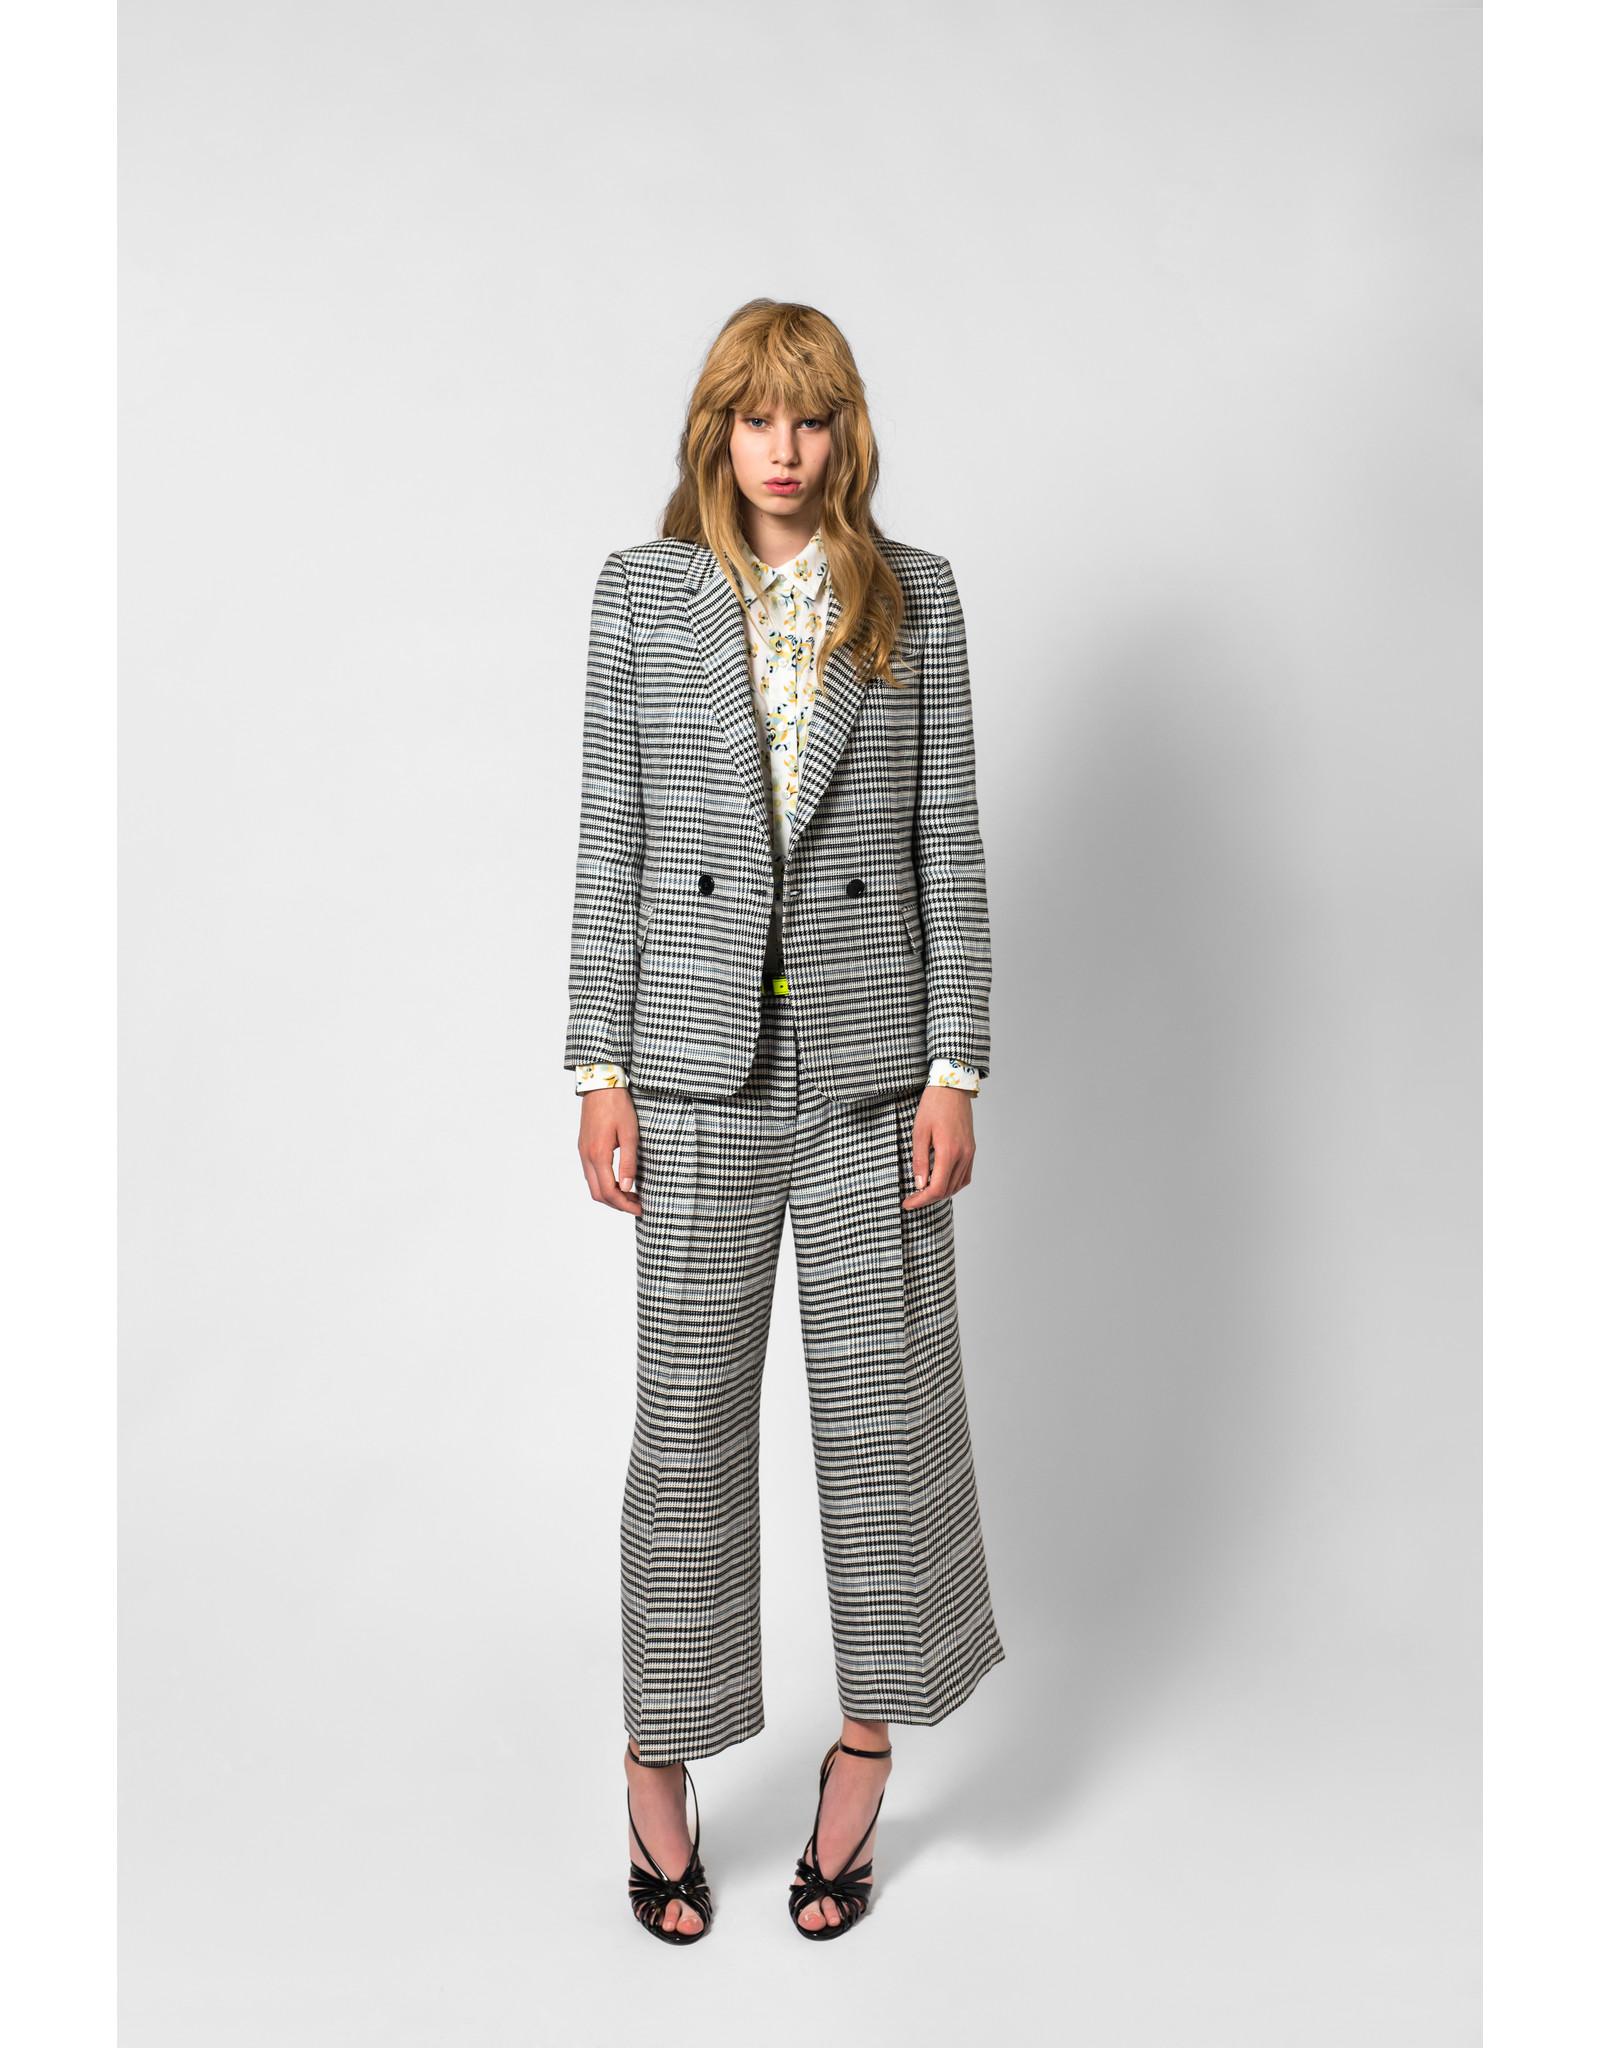 SIS by Spijkers en Spijkers SS20 227-W One Pleat Culotte Pants